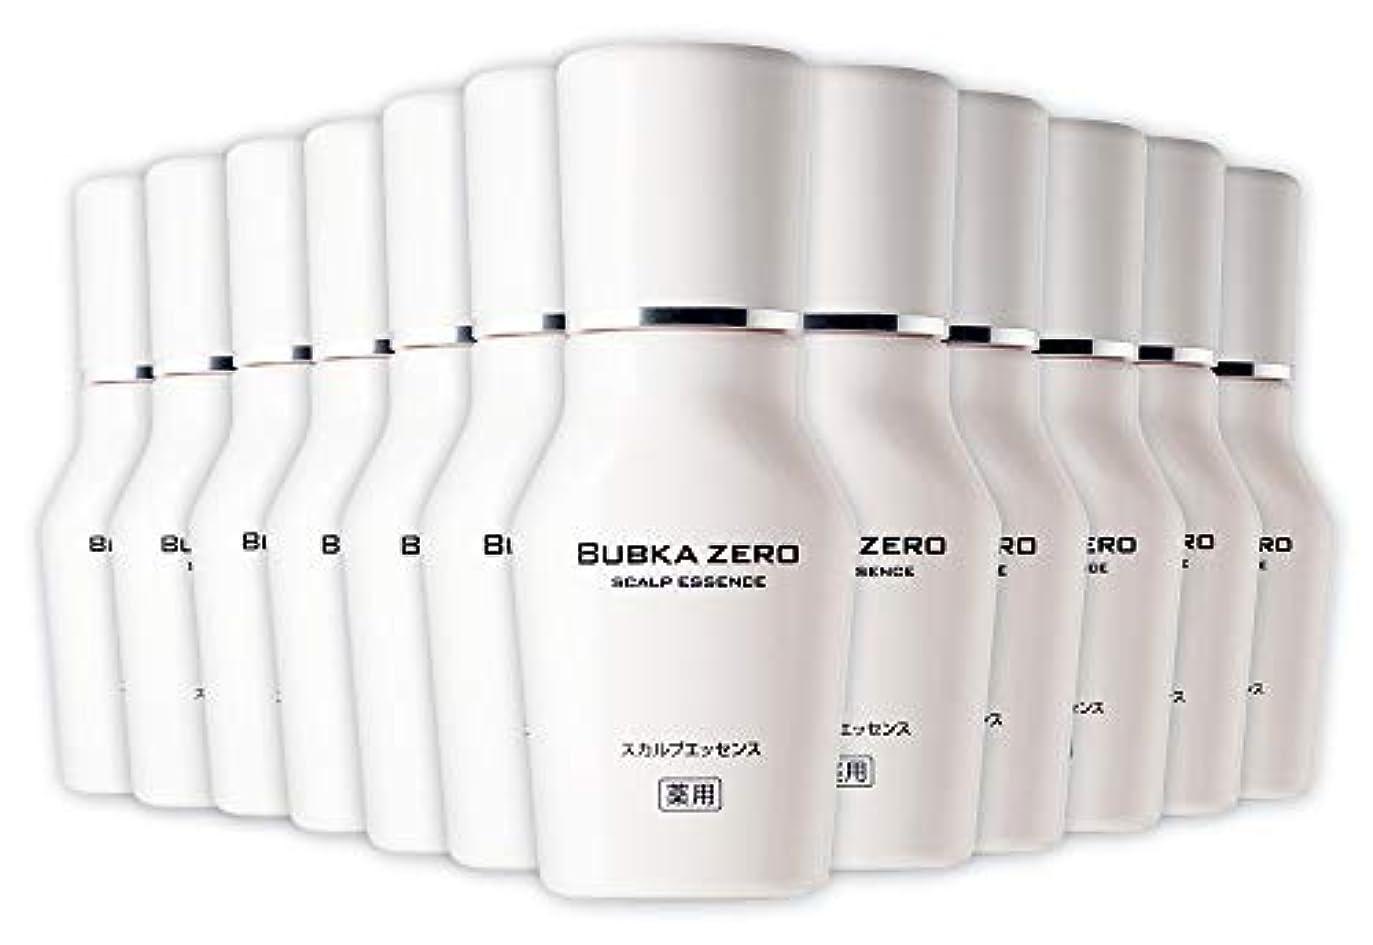 トランク樹木予算【医薬部外品】BUBKA(ブブカ)薬用 スカルプエッセンス 育毛剤 BUBKA ZERO (ブブカ ゼロ)12本セット